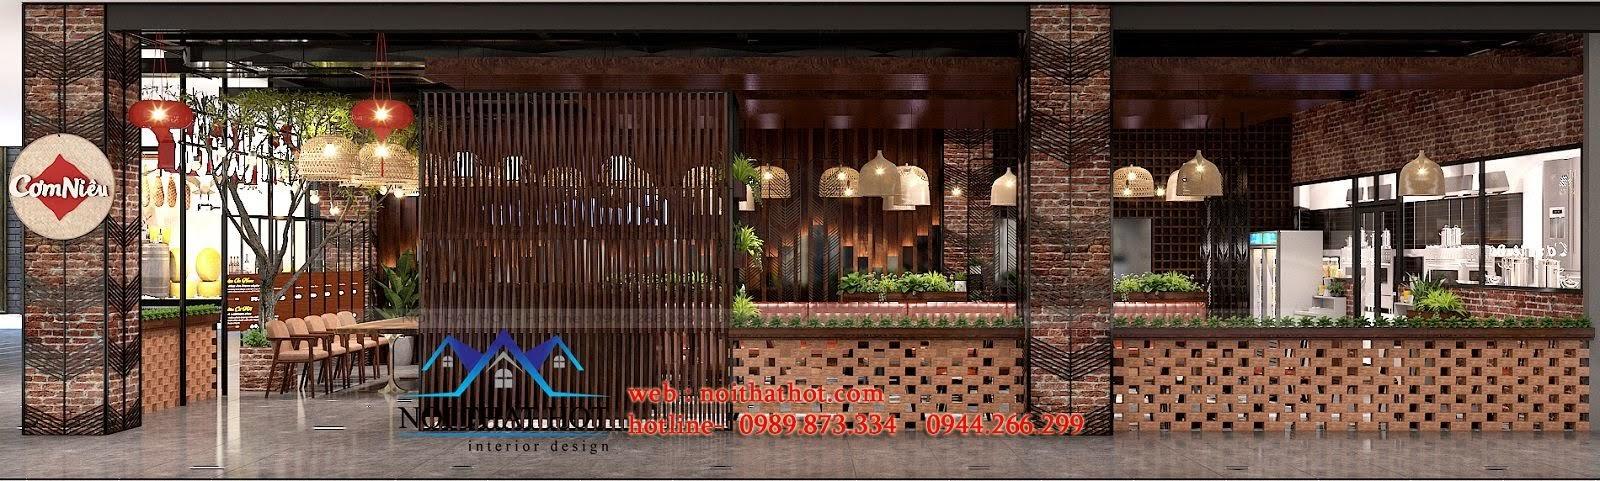 thiết kế nhà hàng cổ điển